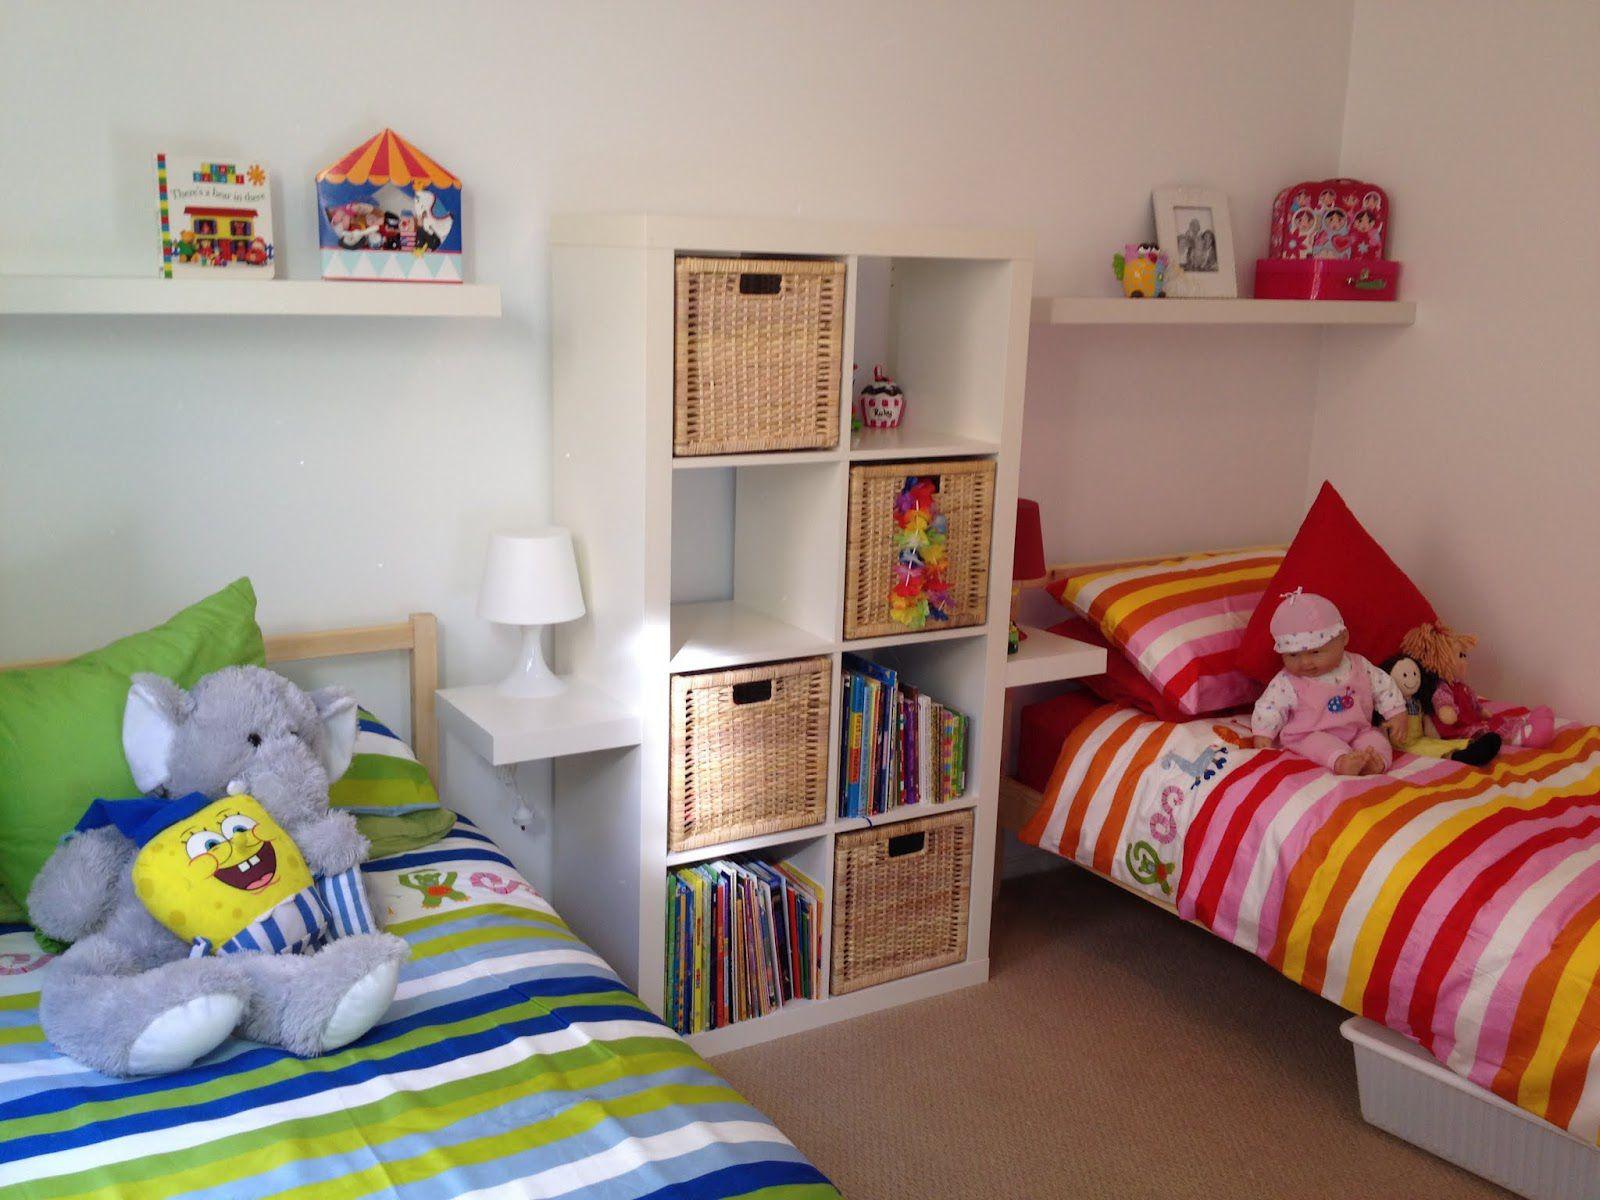 Дизайн детской комнаты для девочки и мальчика вместе фото идеи